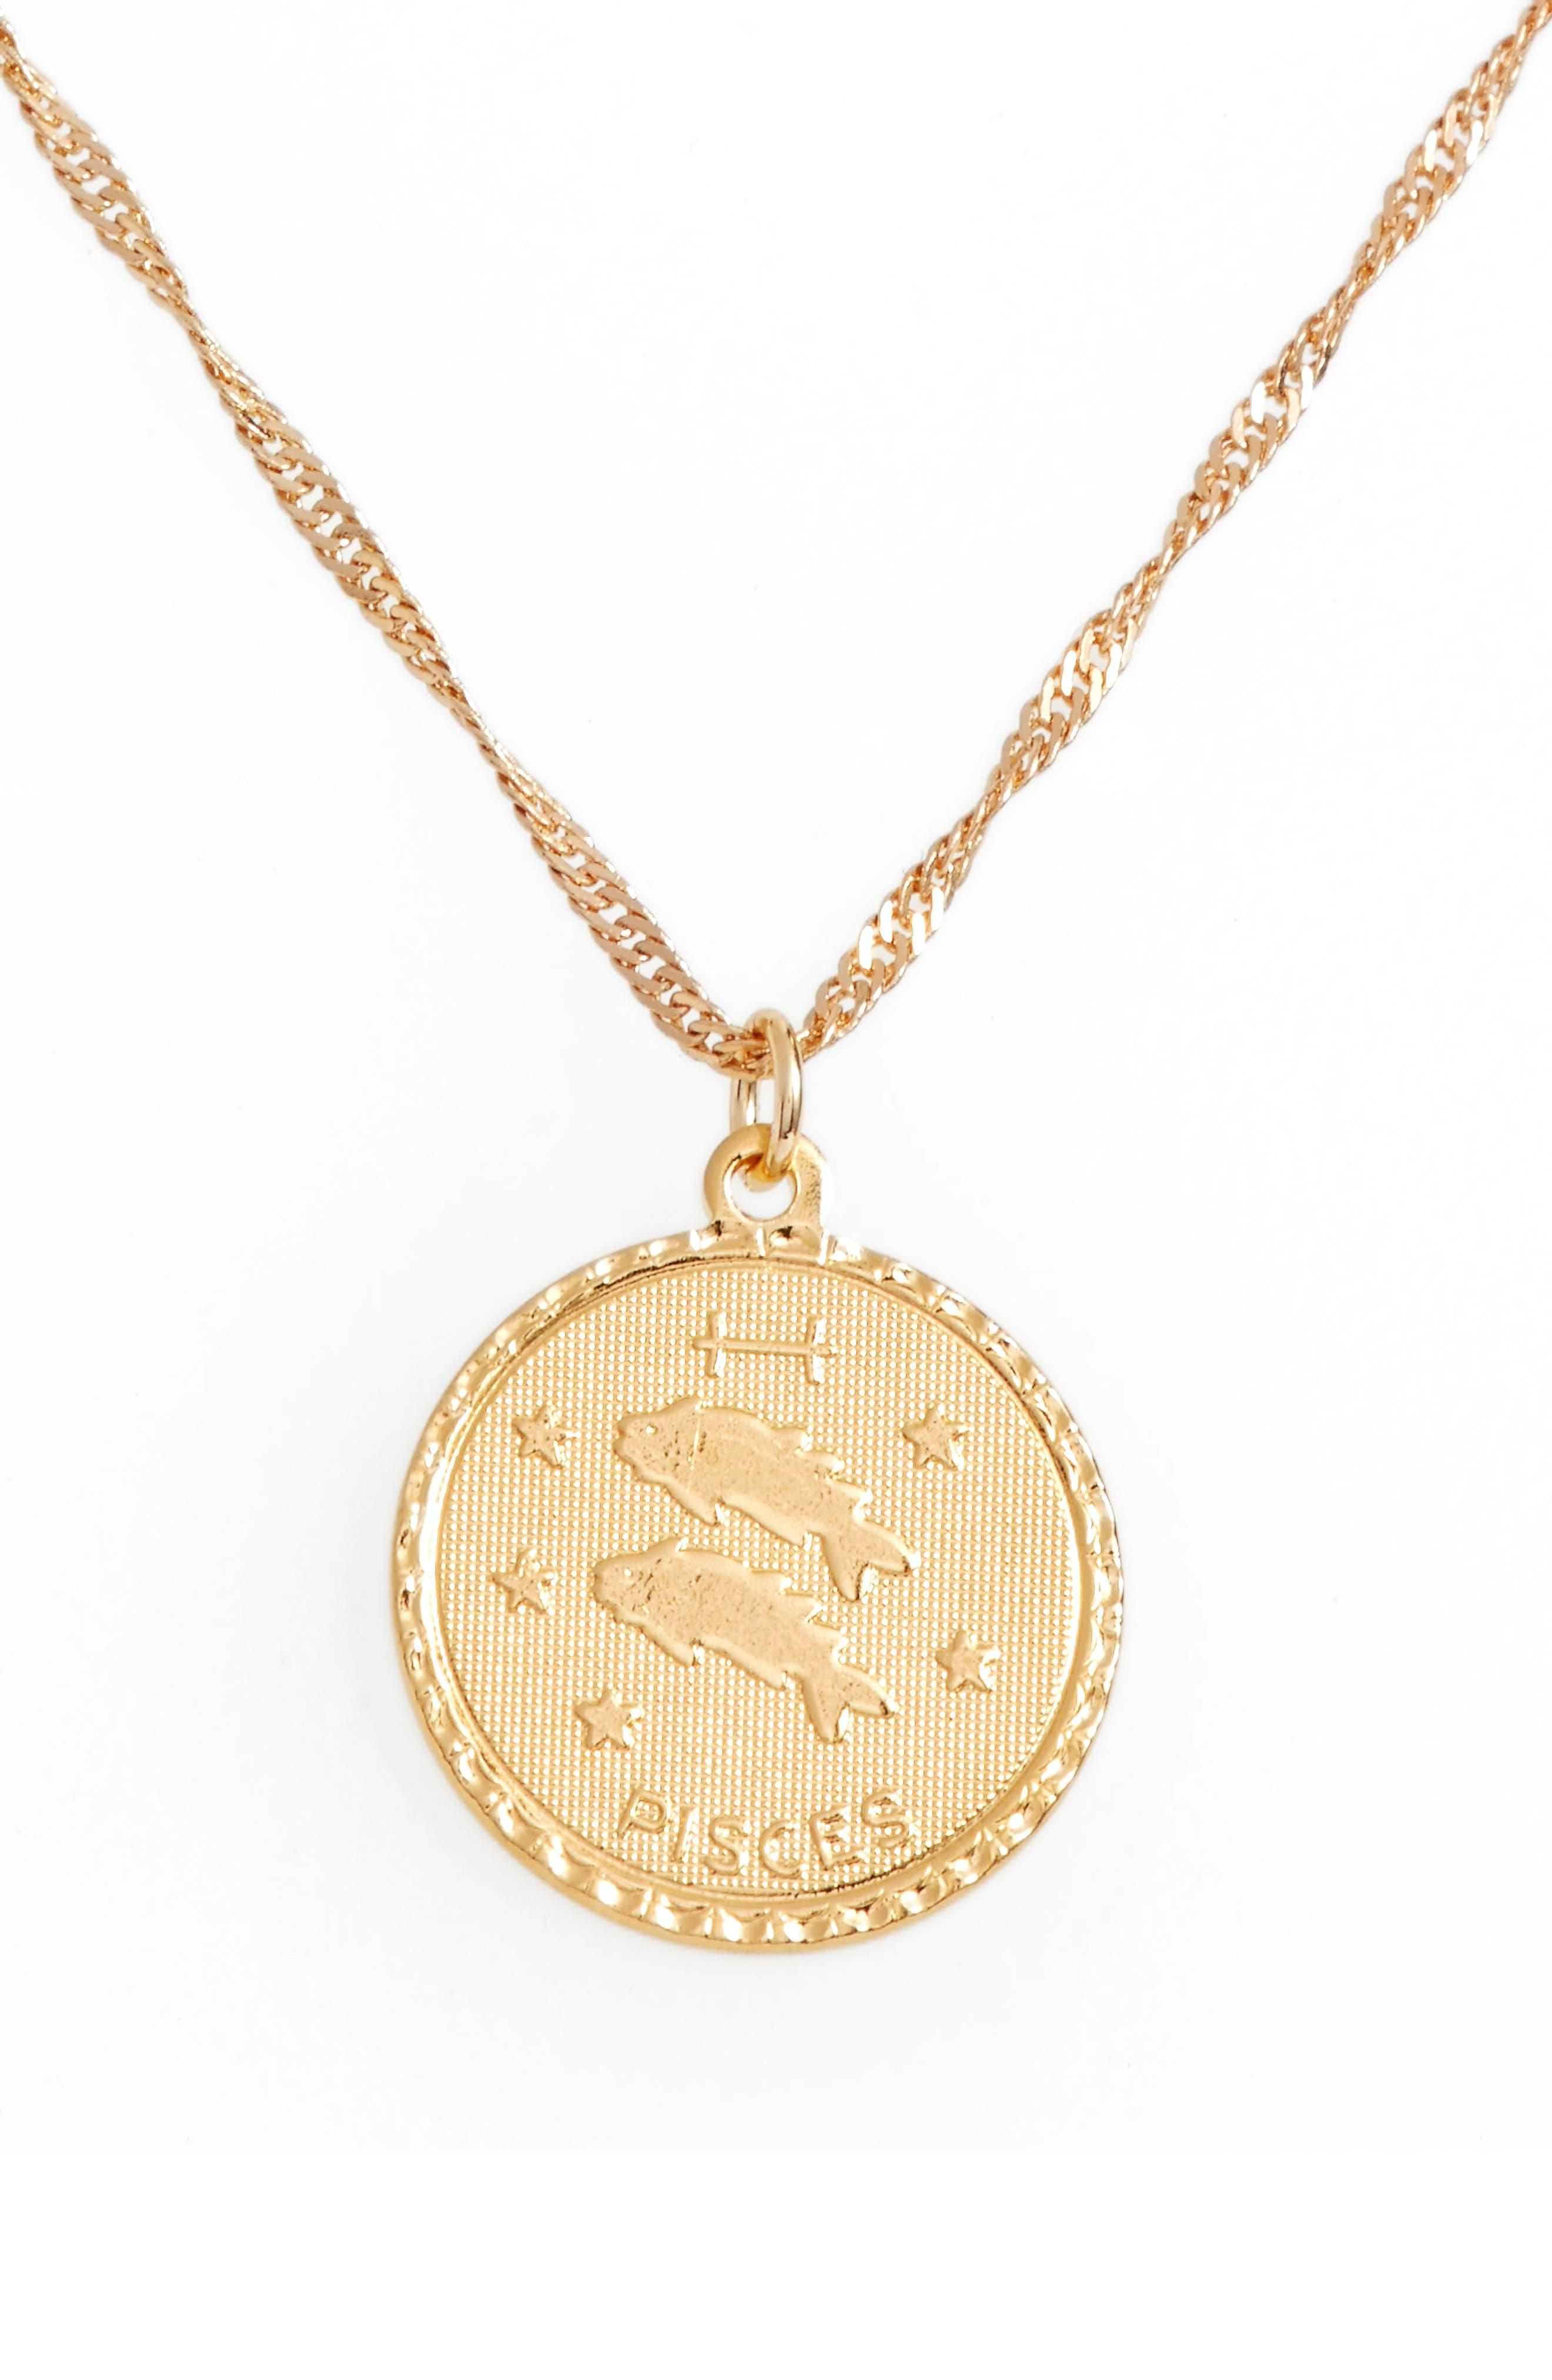 Ascending Pisces Pendant Necklace,                         Main,                         color, Yellow Gold